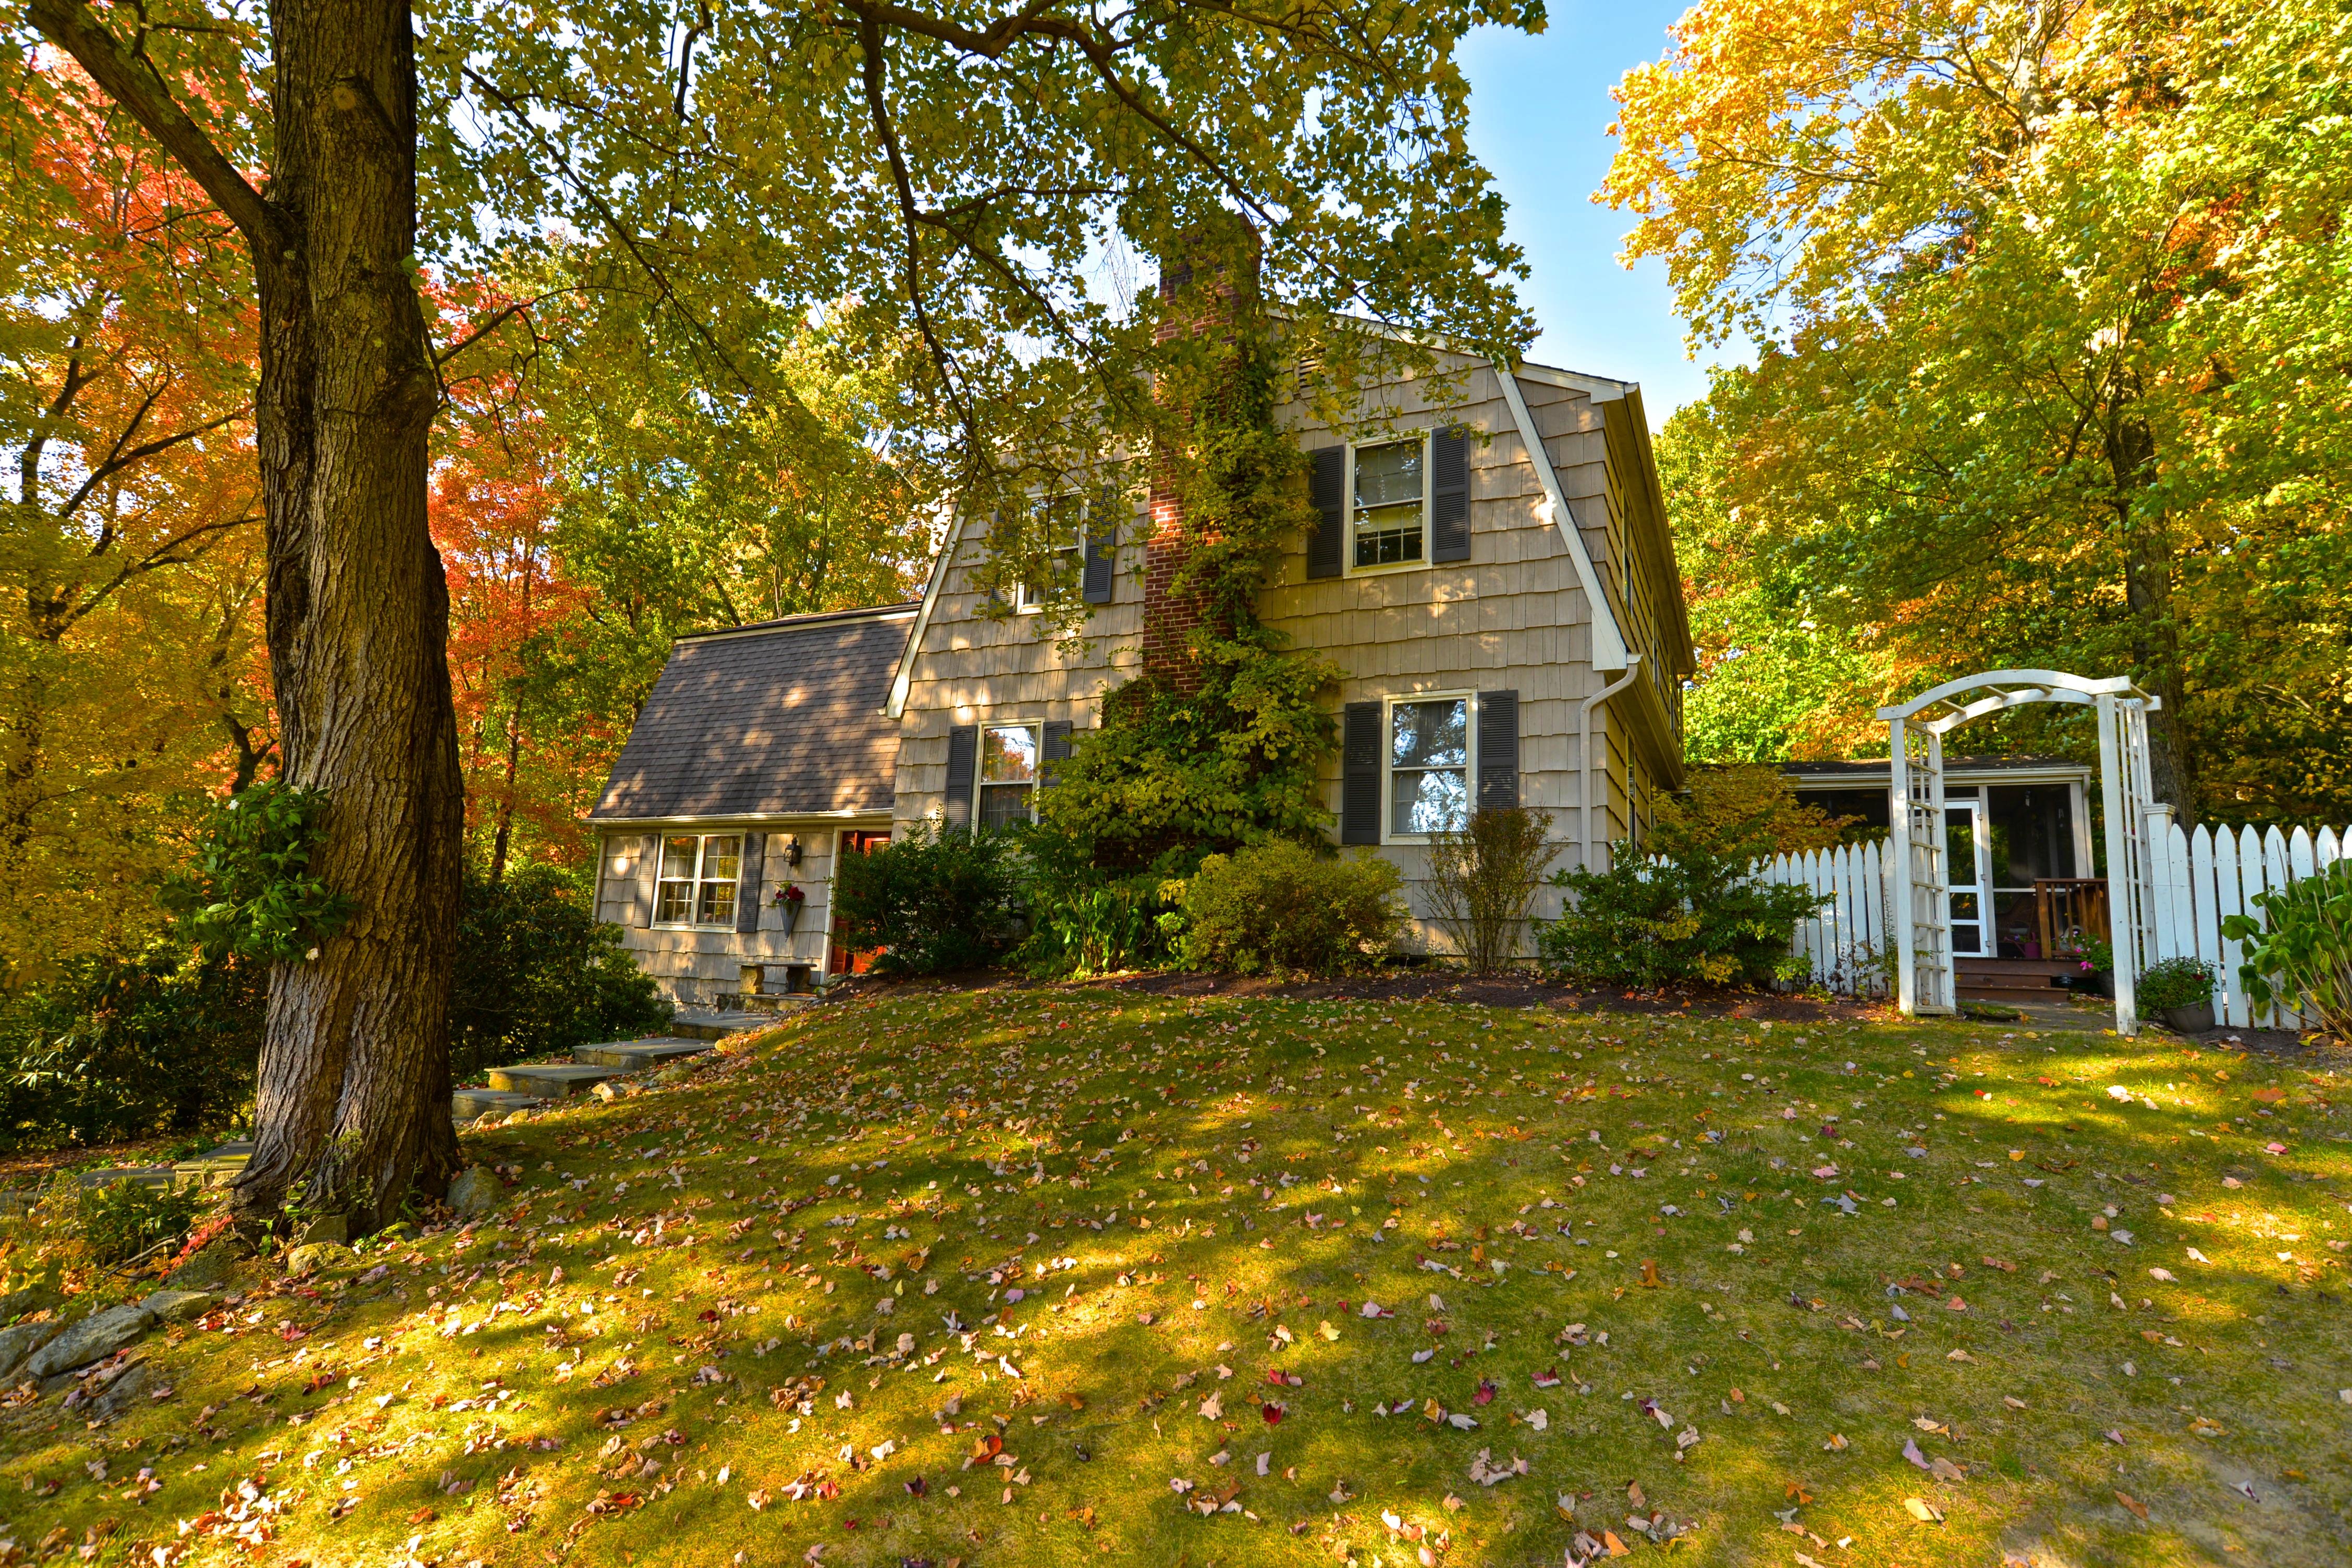 Maison unifamiliale pour l Vente à Character And Charm 5 Beechwood Circle Brookfield, Connecticut 06804 États-Unis